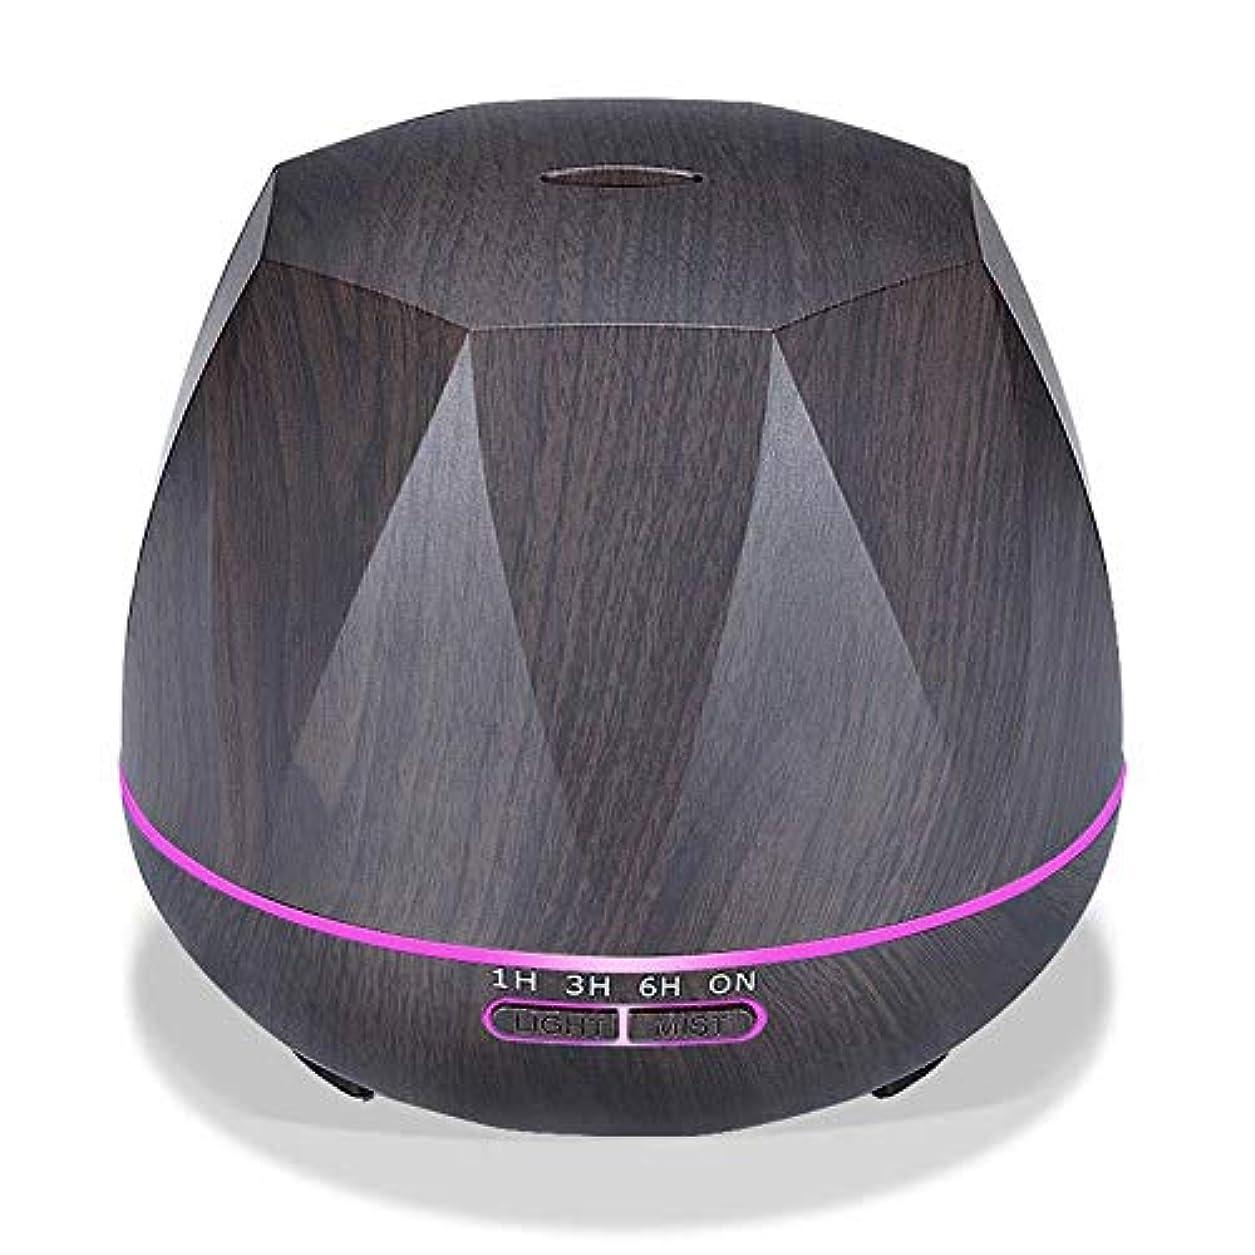 バイナリ葬儀批判する木目 涼しい霧 加湿器,7 色 空気を浄化 加湿機 時間 デスクトップ 精油 ディフューザー アロマネブライザー Yoga ベッド 寮- 300ml